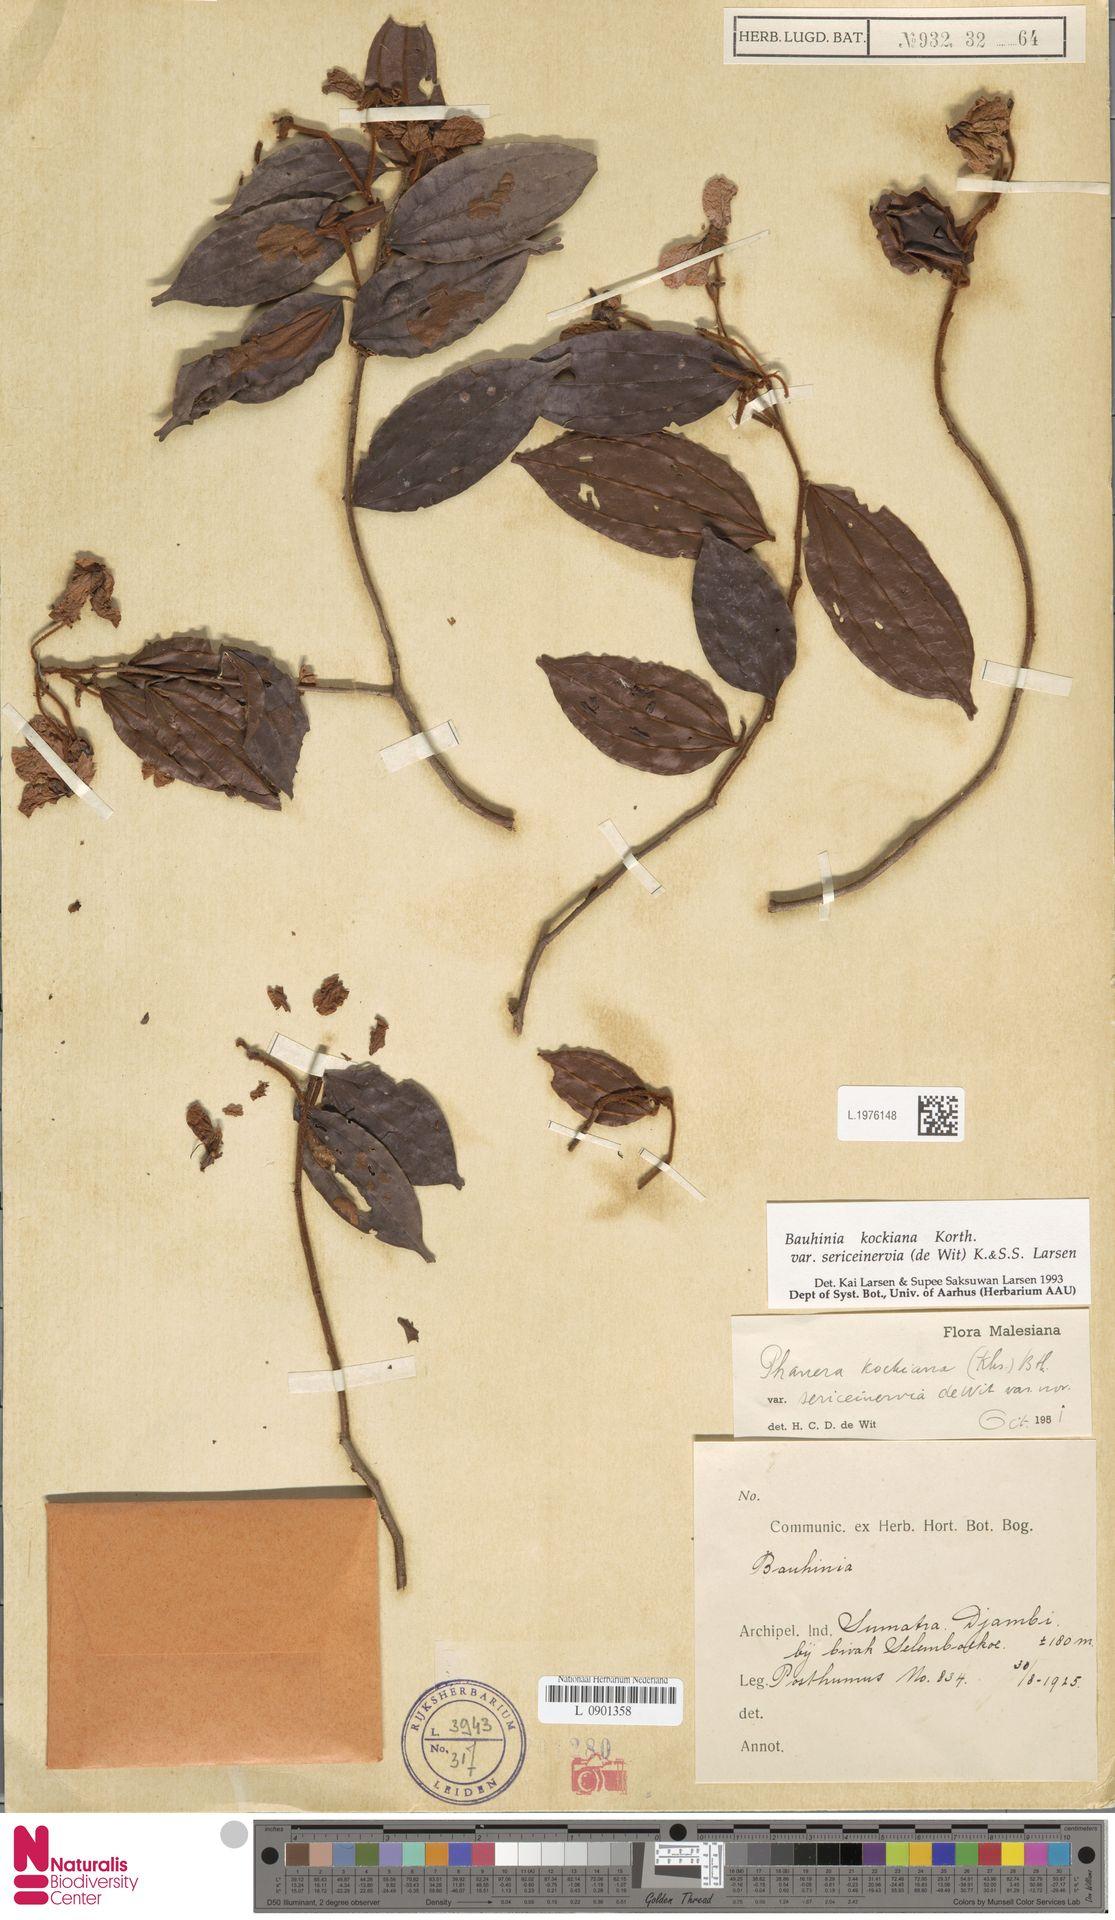 L.1976148 | Bauhinia kockiana var. sericeinervia (de Wit) K.Larsen & S.S.Larsen